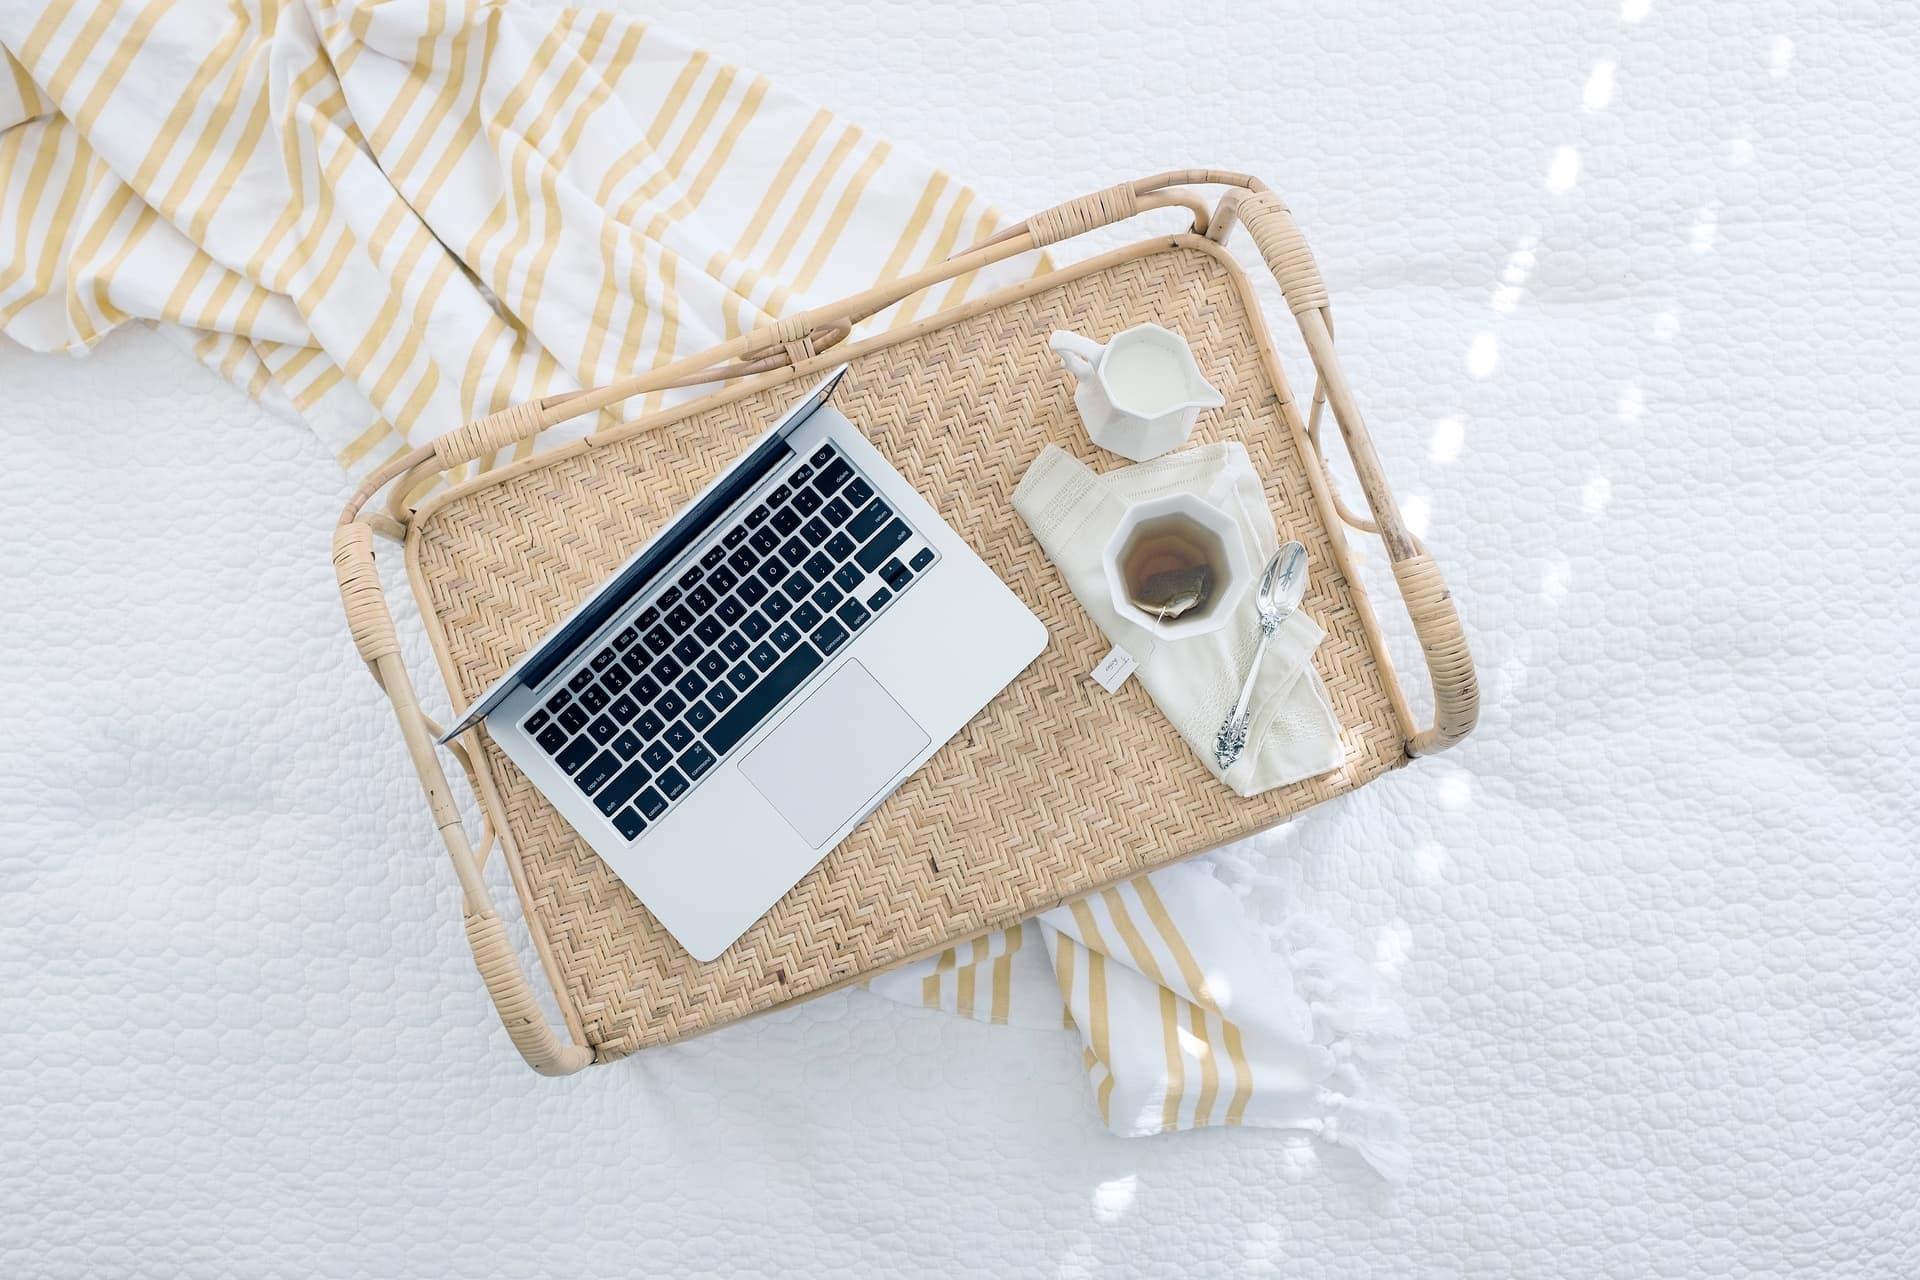 Tool-uri utile pentru munca remote de acasă #WorkFromHome #CoronaVirus